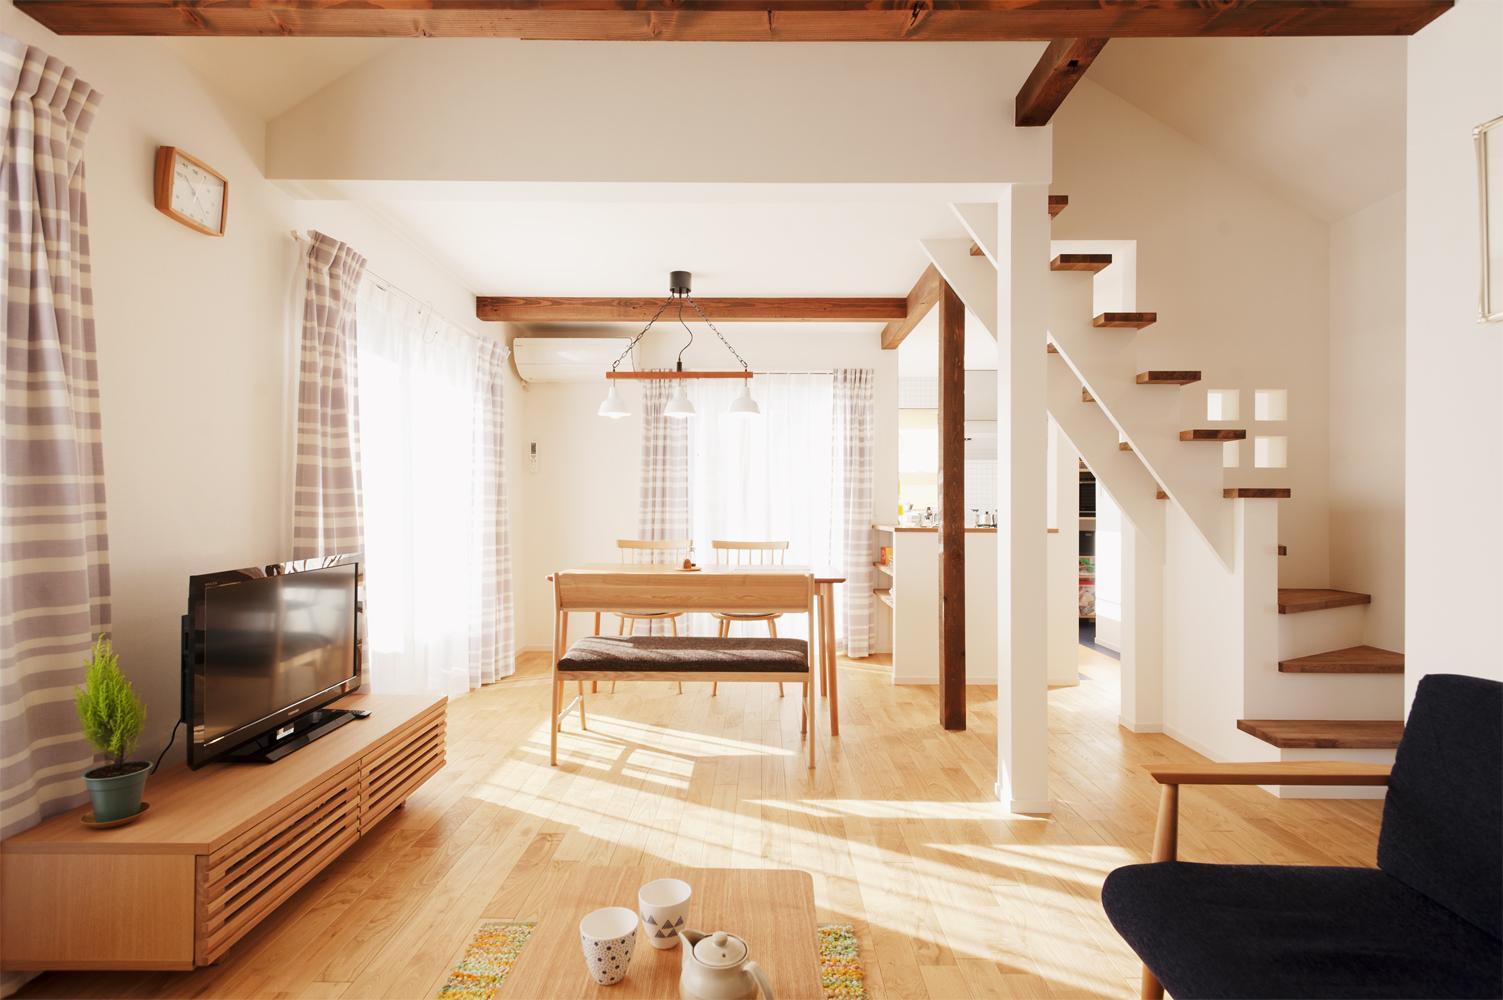 リフォーム・リノベーション会社:スタイル工房「T邸・一番気持ちの良い場所をLDKへ」